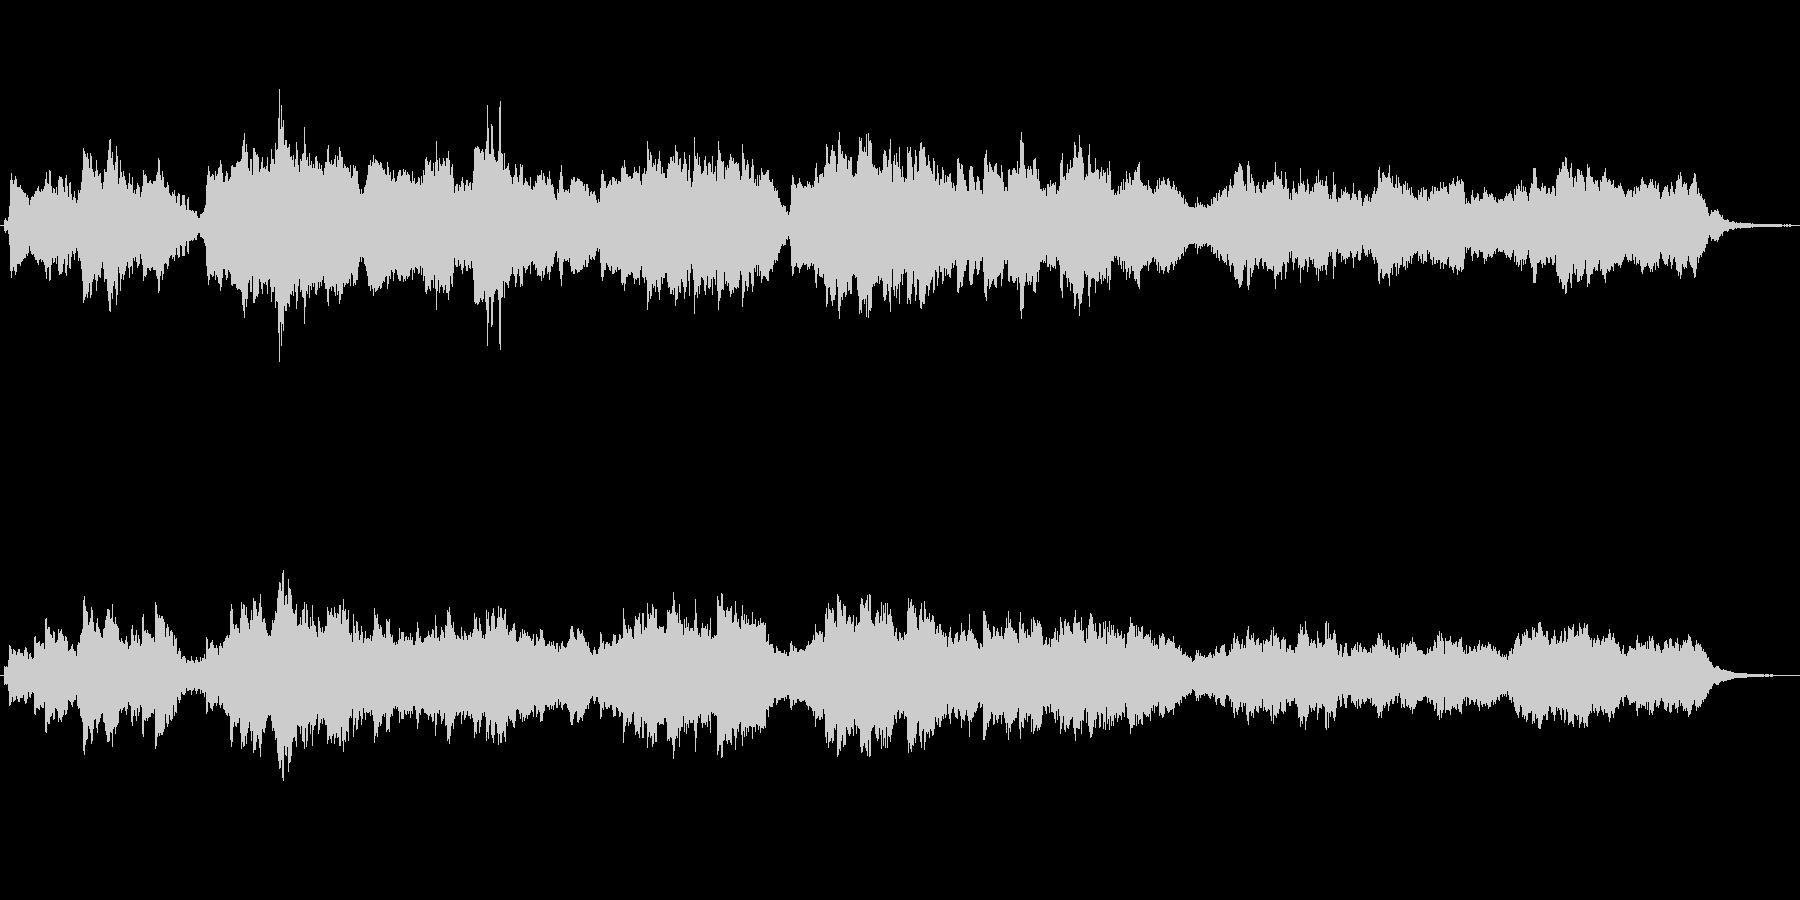 ストリングスとチェレスタのメルヘンの世界の未再生の波形